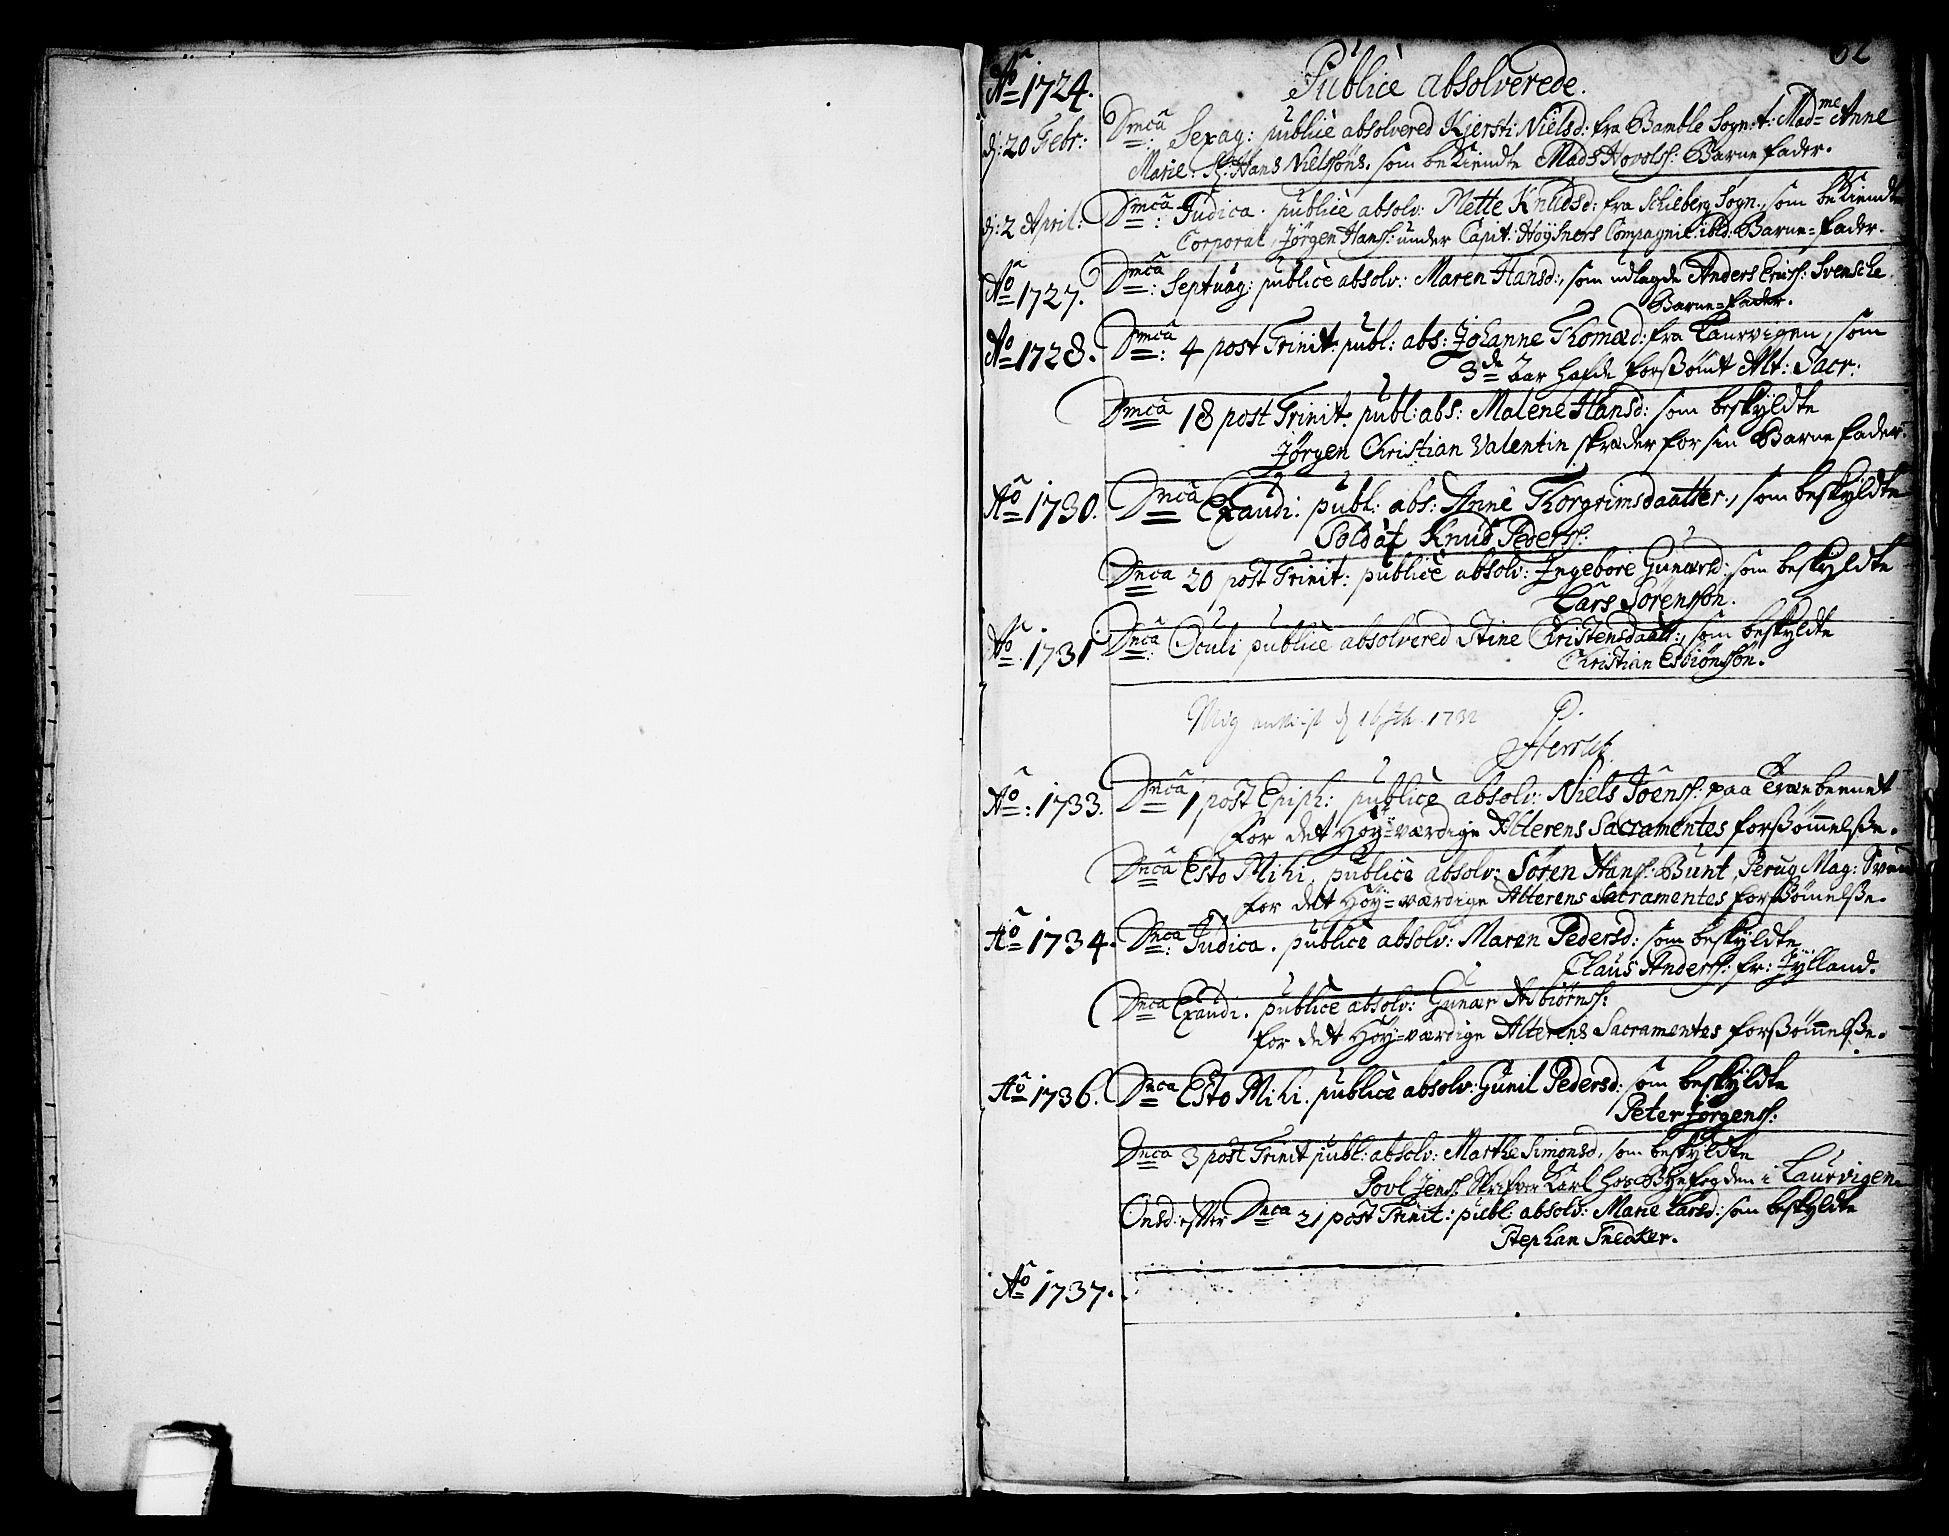 SAKO, Brevik kirkebøker, F/Fa/L0002: Ministerialbok nr. 2, 1720-1764, s. 62